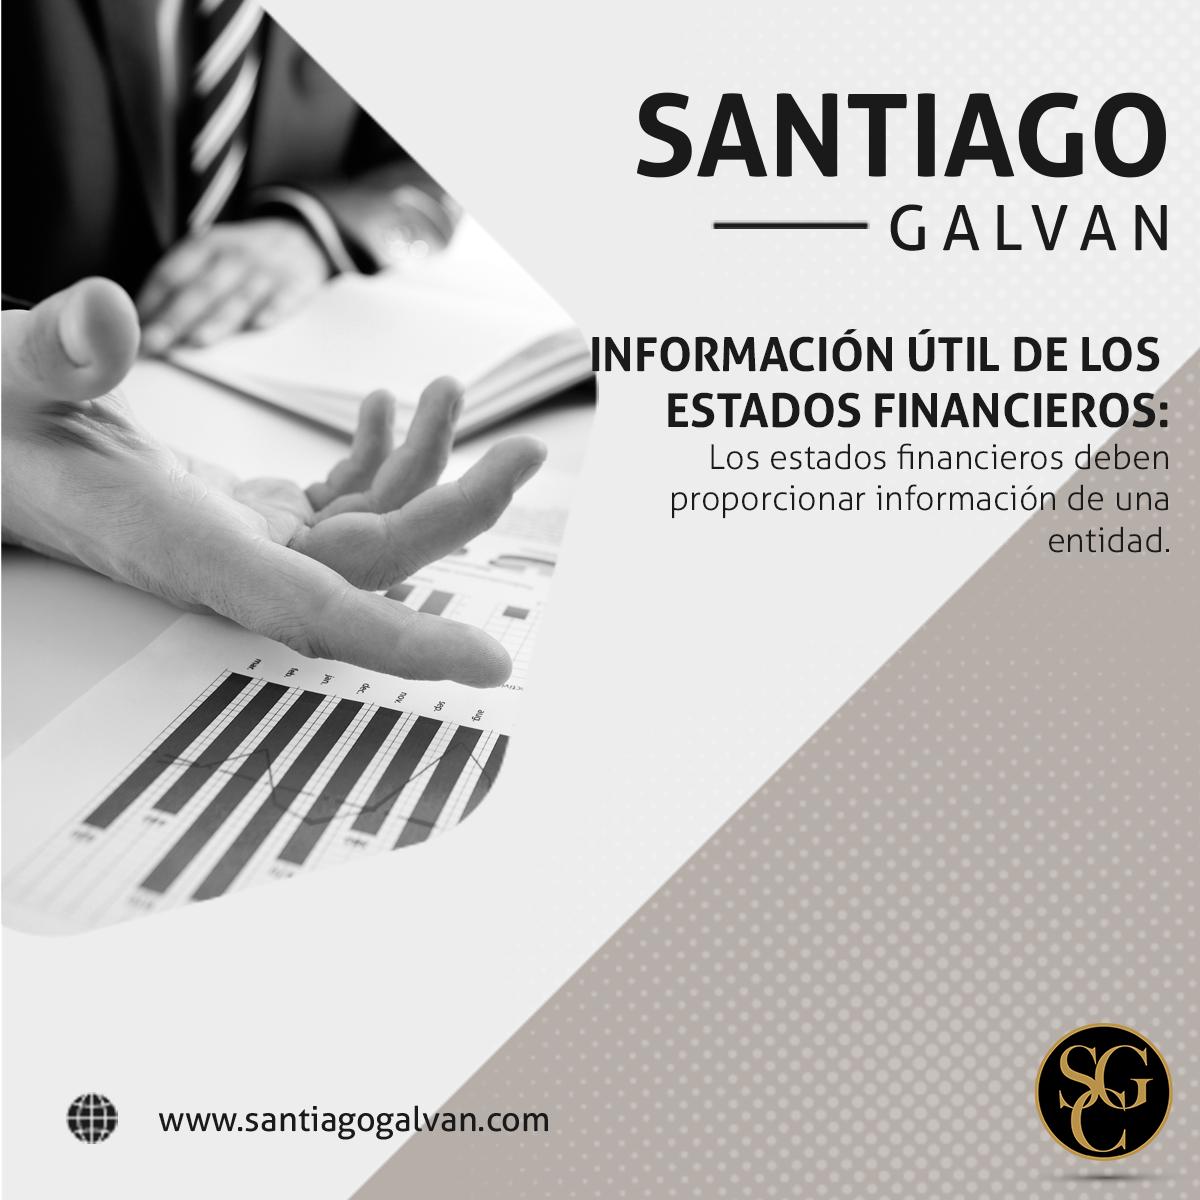 INFORMACIÓN ÚTIL DE LOS ESTADOS FINANCIEROS: